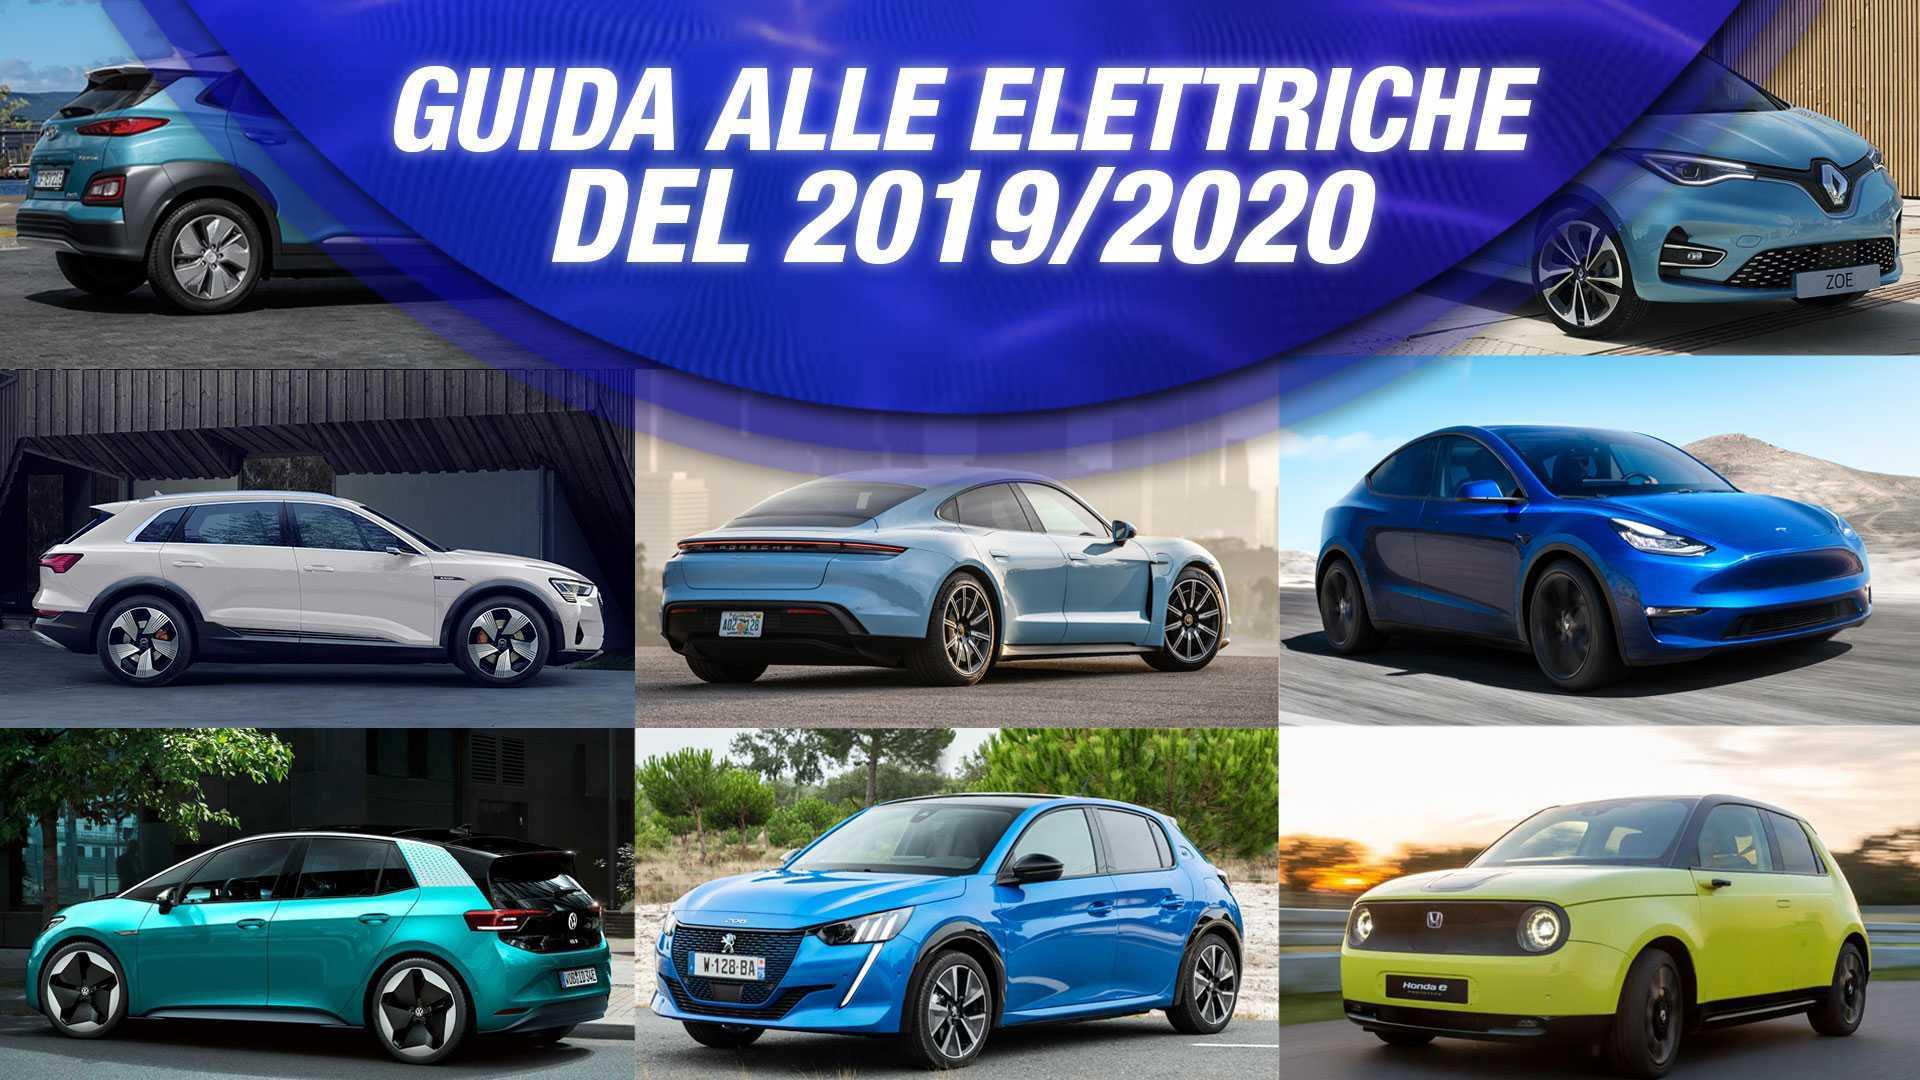 Auto elettrica, tutte quelle del 2019 e le novità del 2020